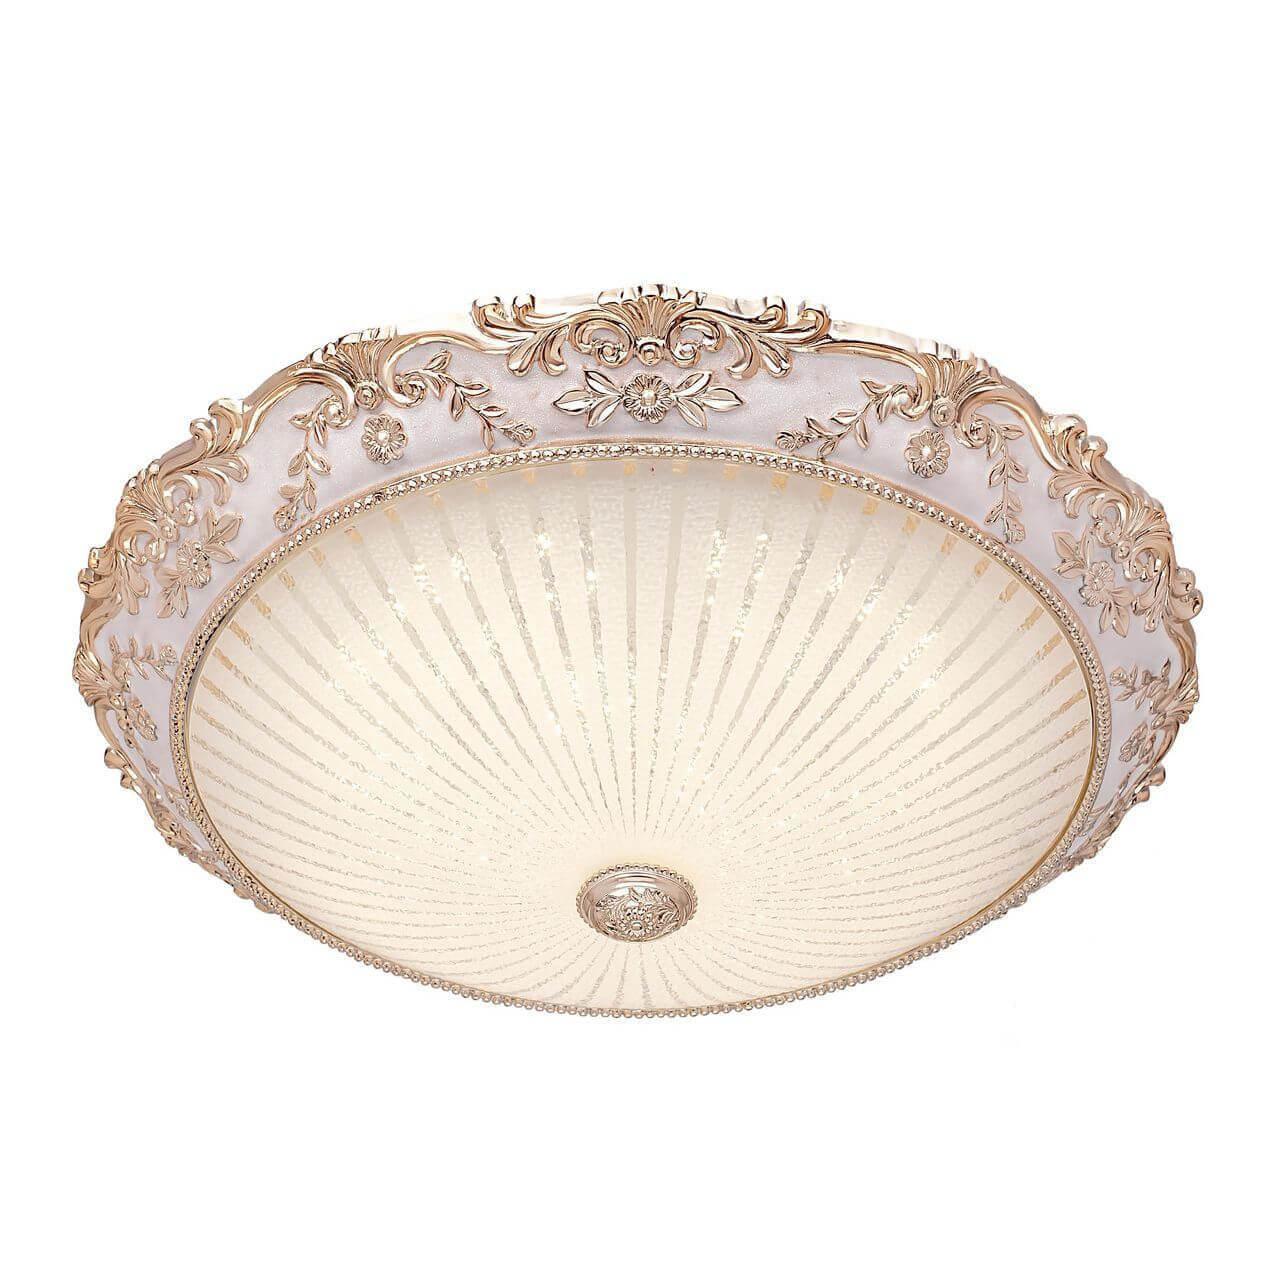 Светильник Silver Light 843.51.7 Louvre White настенный светодиодный светильник silver light louvre 844 36 7